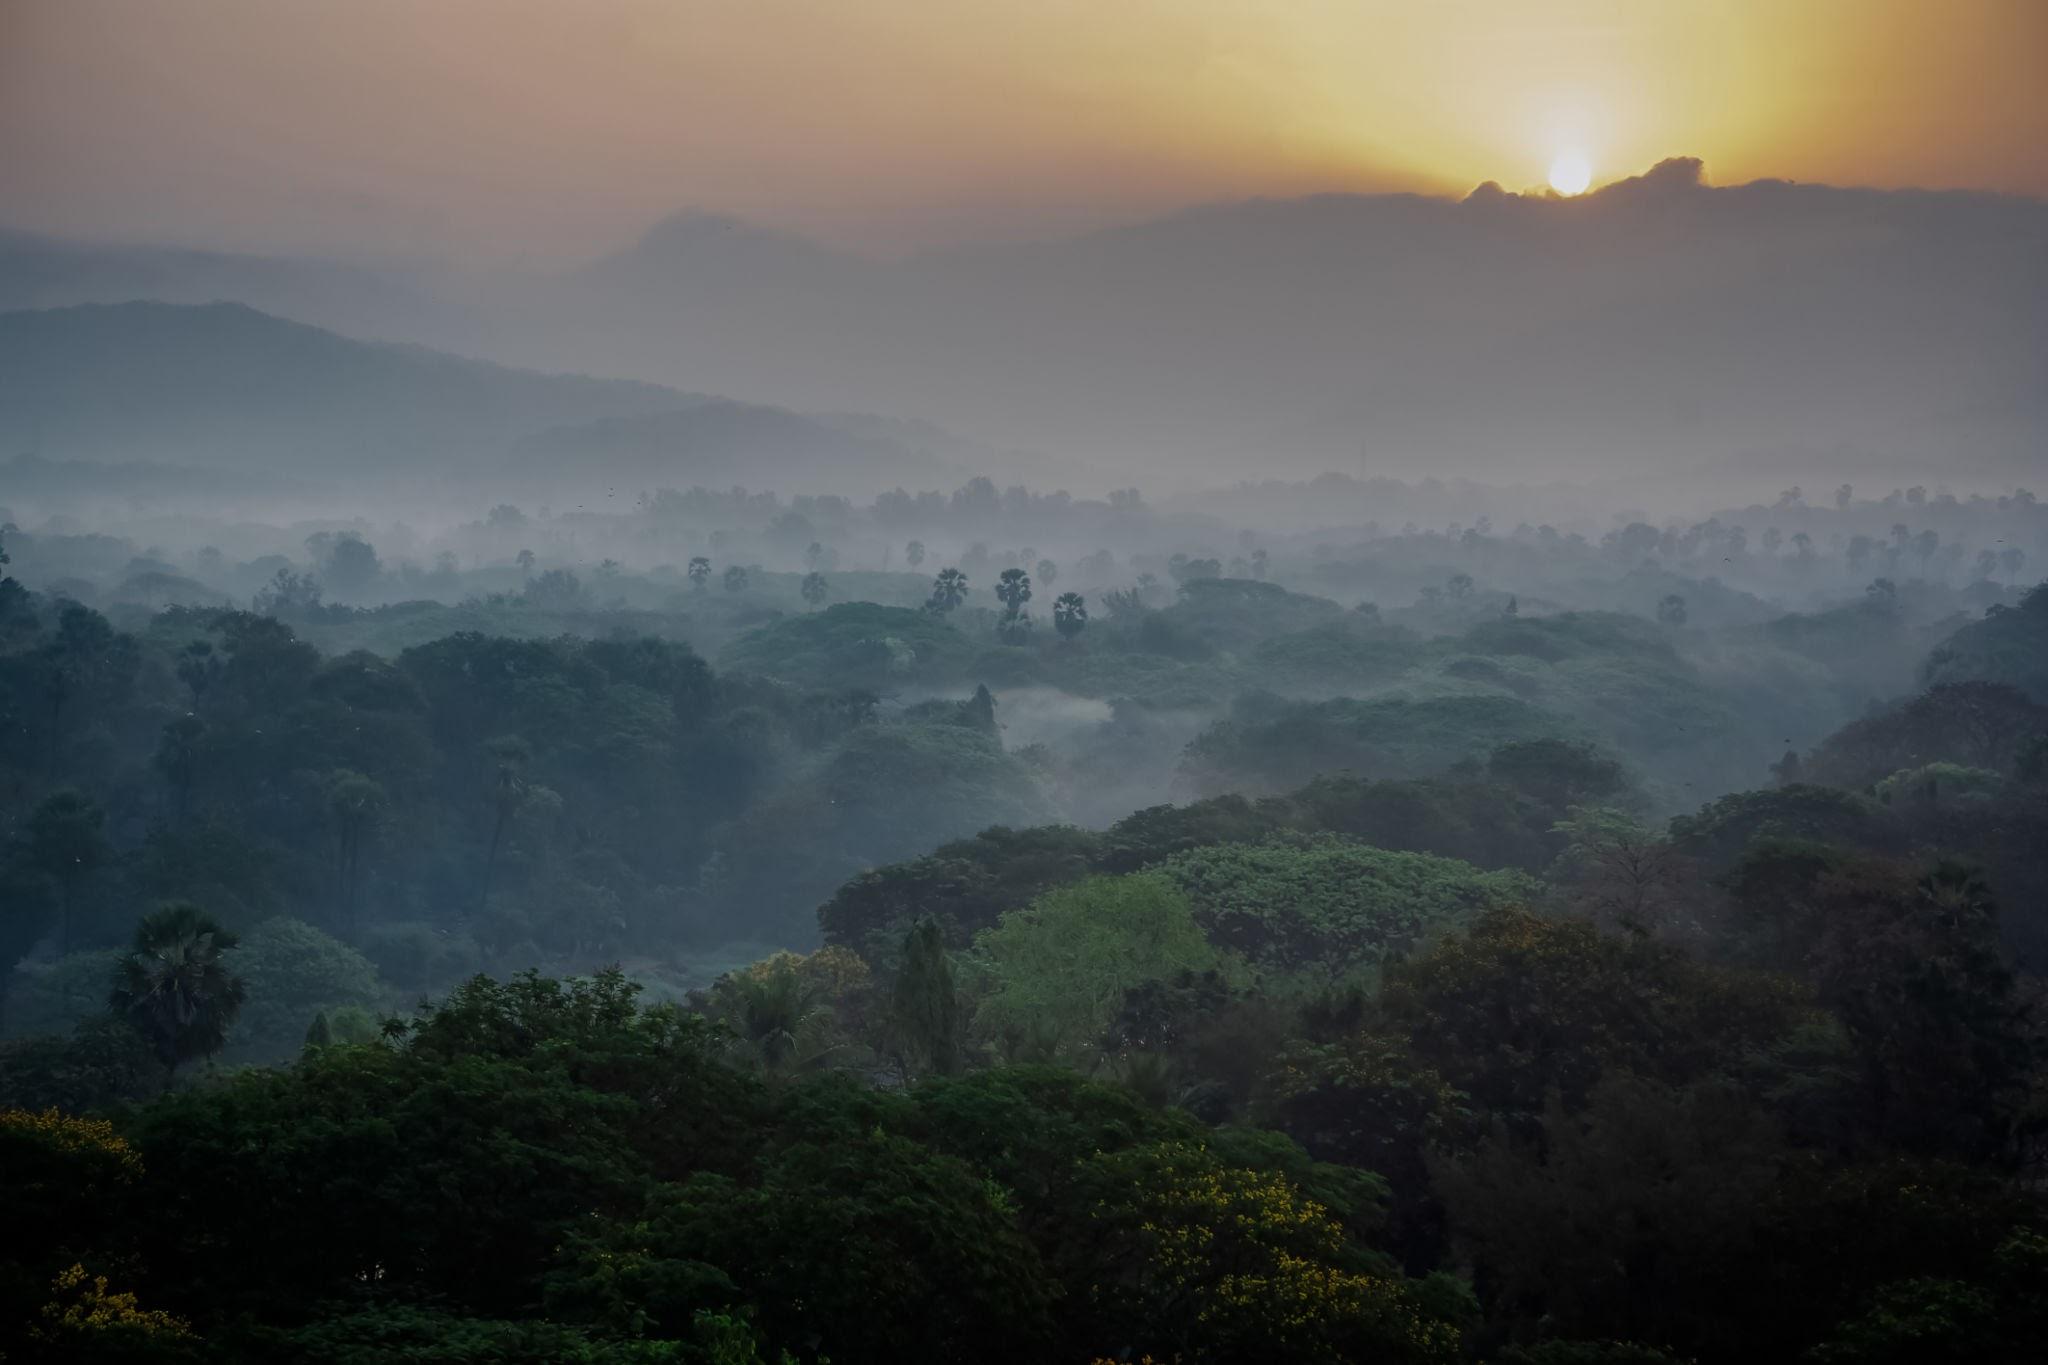 الاماكن السياحية في مومباي حديقة سانجاي غاندي الوطنية